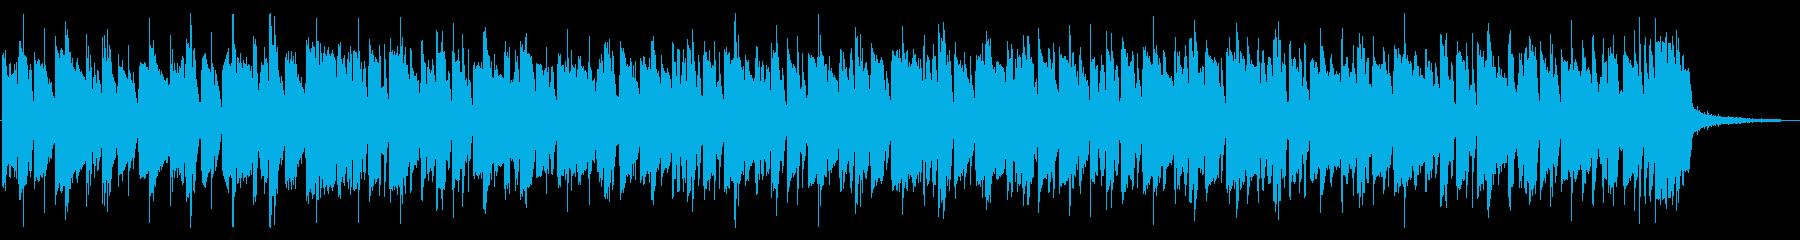 サスペンスドラマにありそうなハウスBGMの再生済みの波形